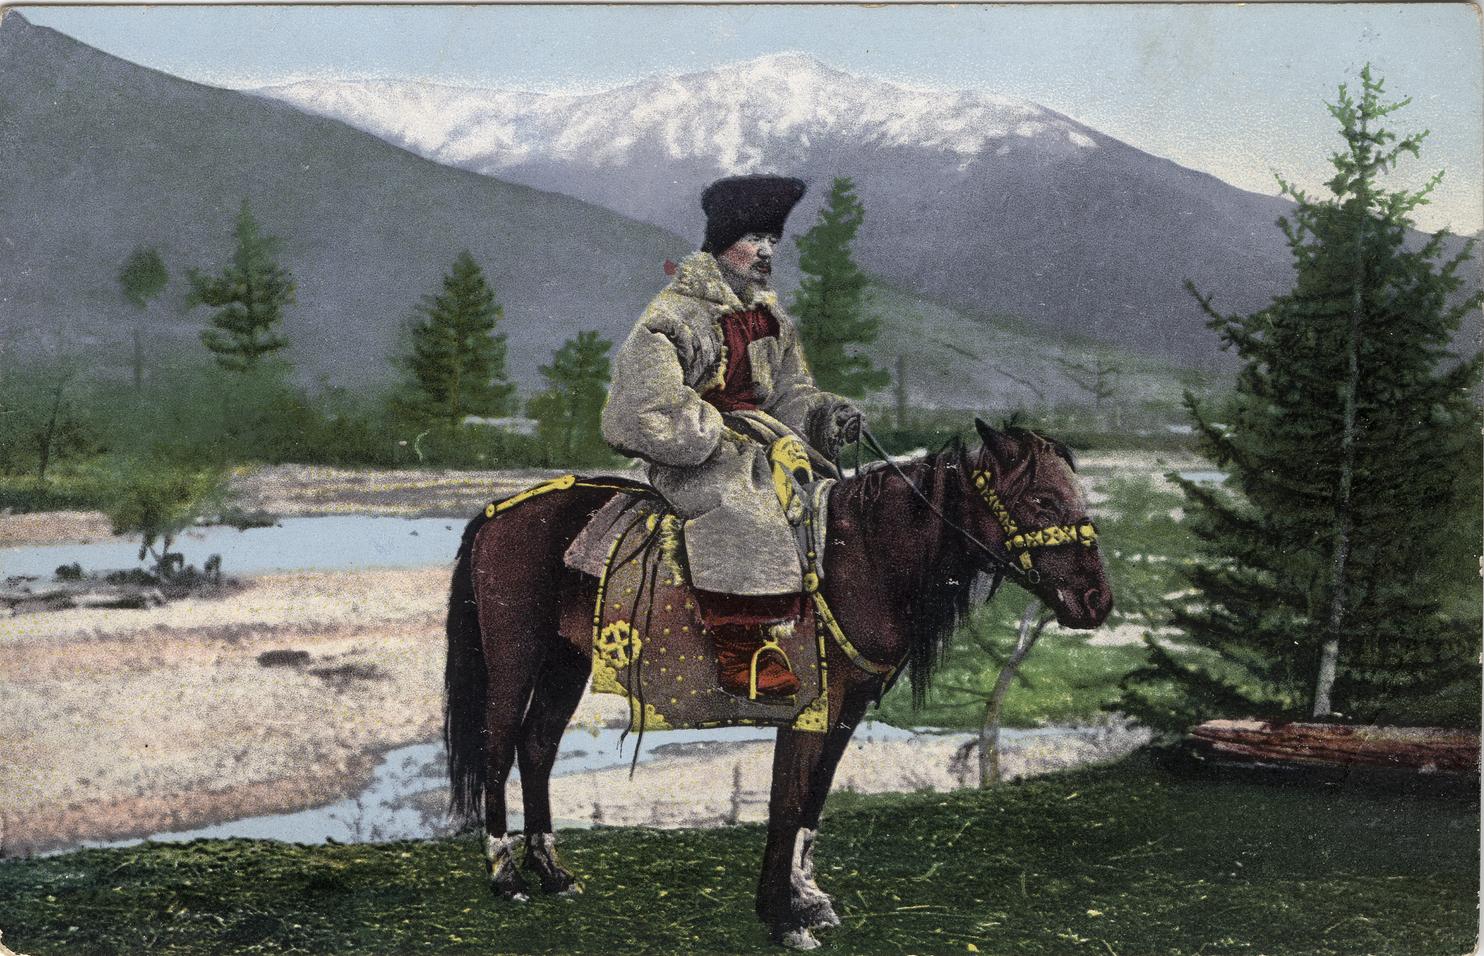 Мужчина алтаец в национальном костюме (головной убор - куараан борук, овчинная шуба - тон, со ступенчатым вырезом) на лошади